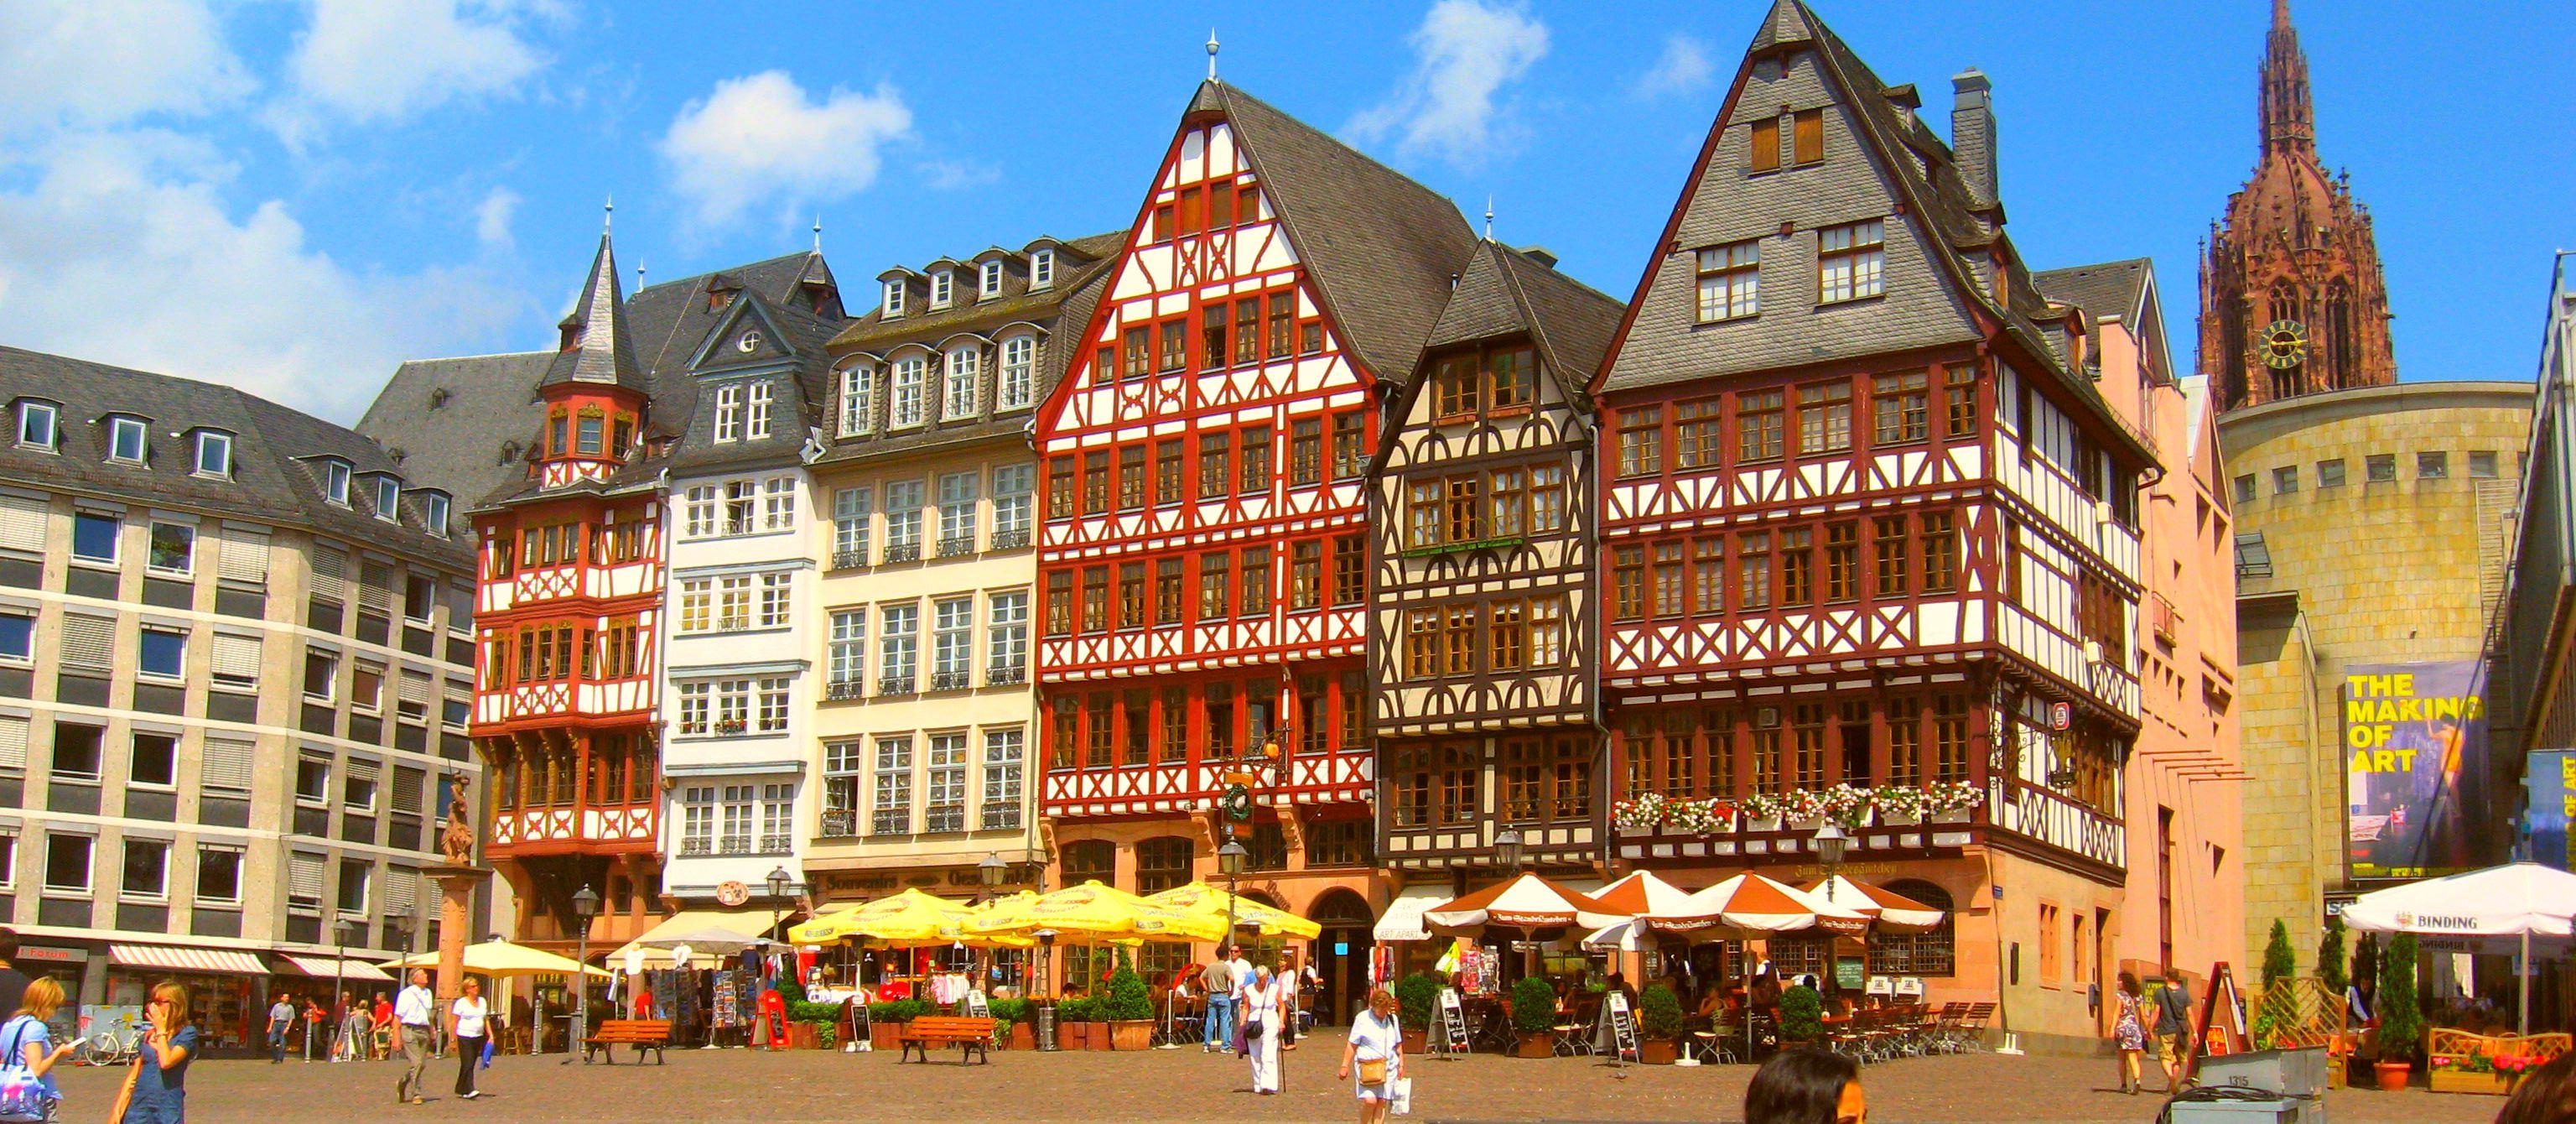 Αγαπημένα μέρη στην Φρανκφούρτη - World Travellen